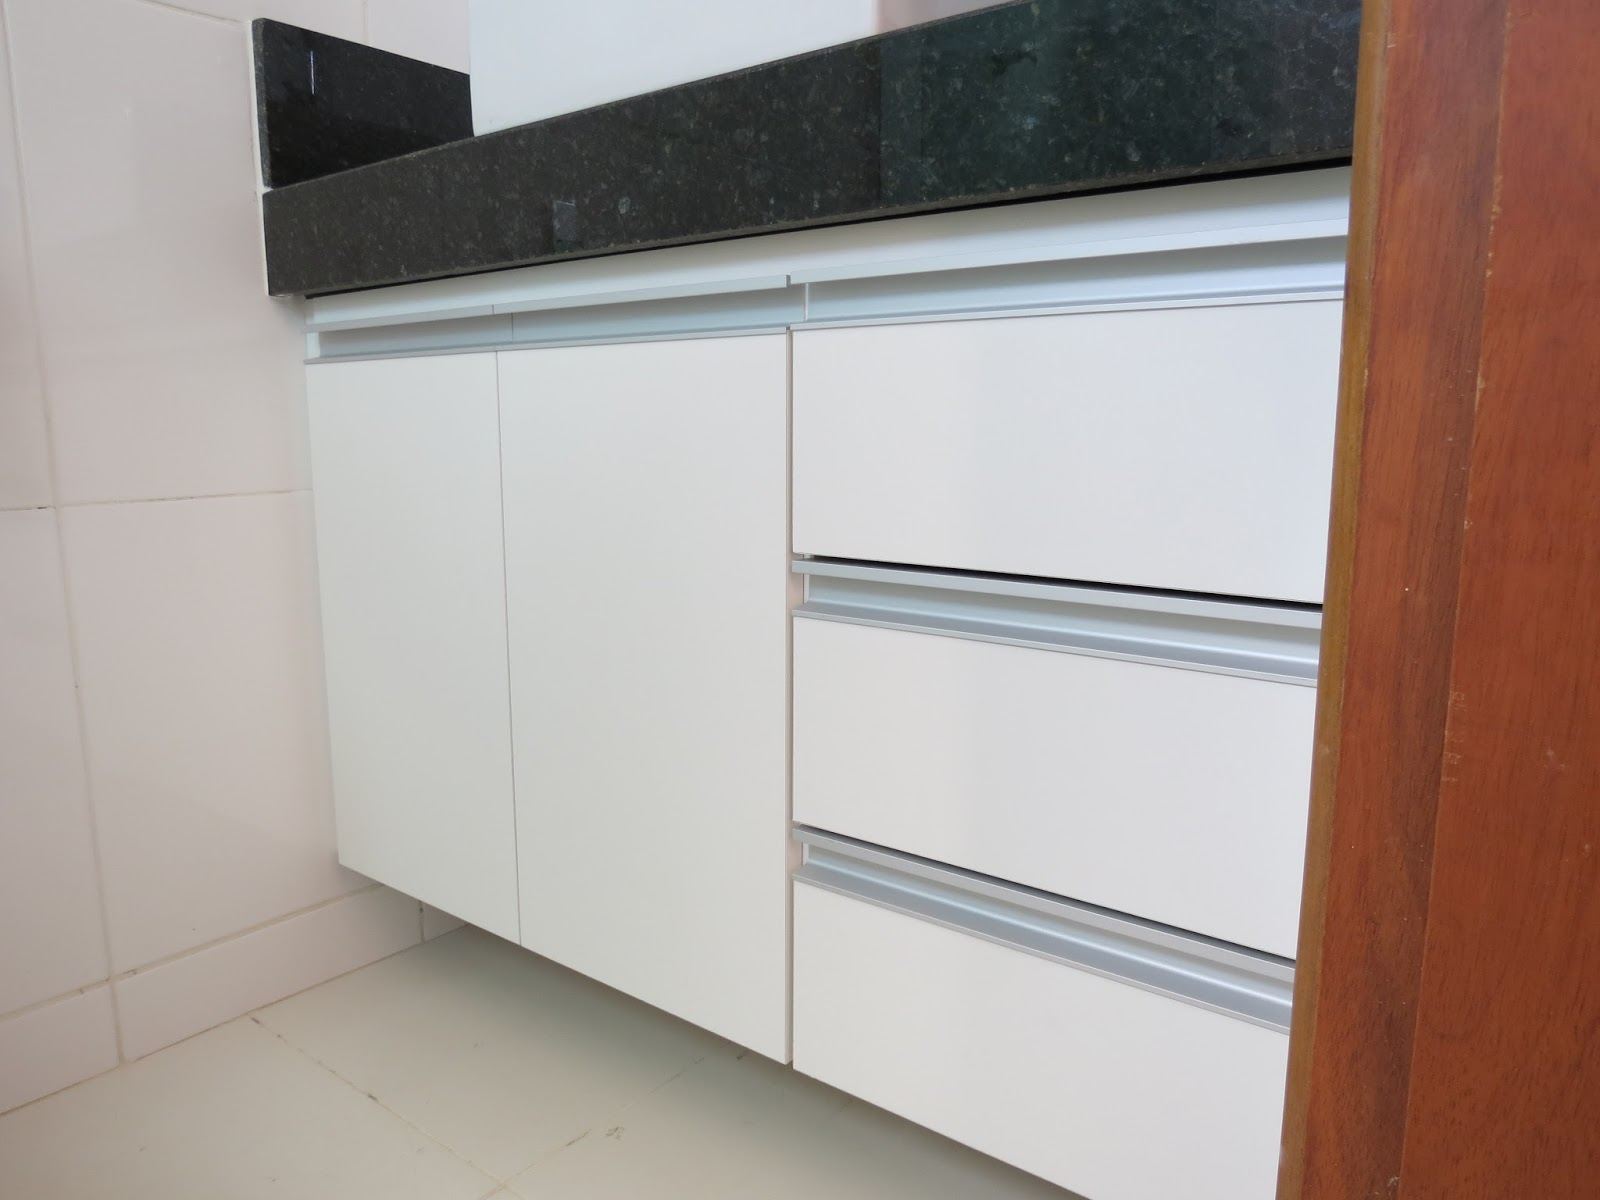 Lopes Armários Planejados: Armário para Banheiro (Padrão Branco  #82432E 1600x1200 Armario Banheiro Aluminio